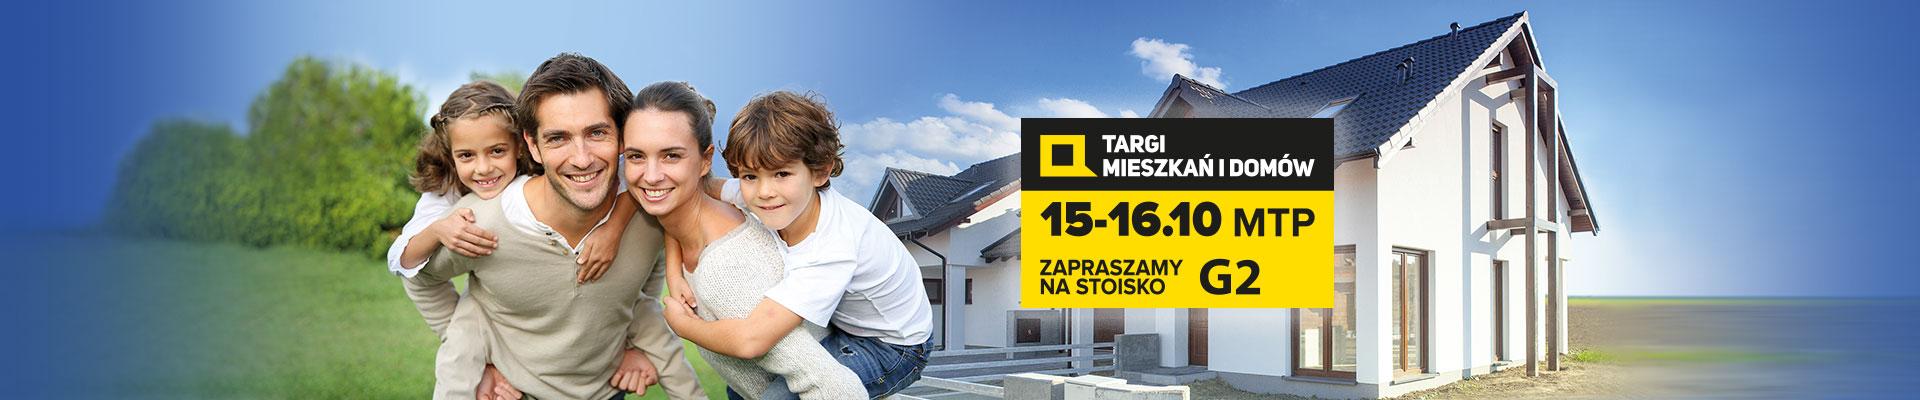 Osiedle Rozalin na Targach Domów w Poznaniu